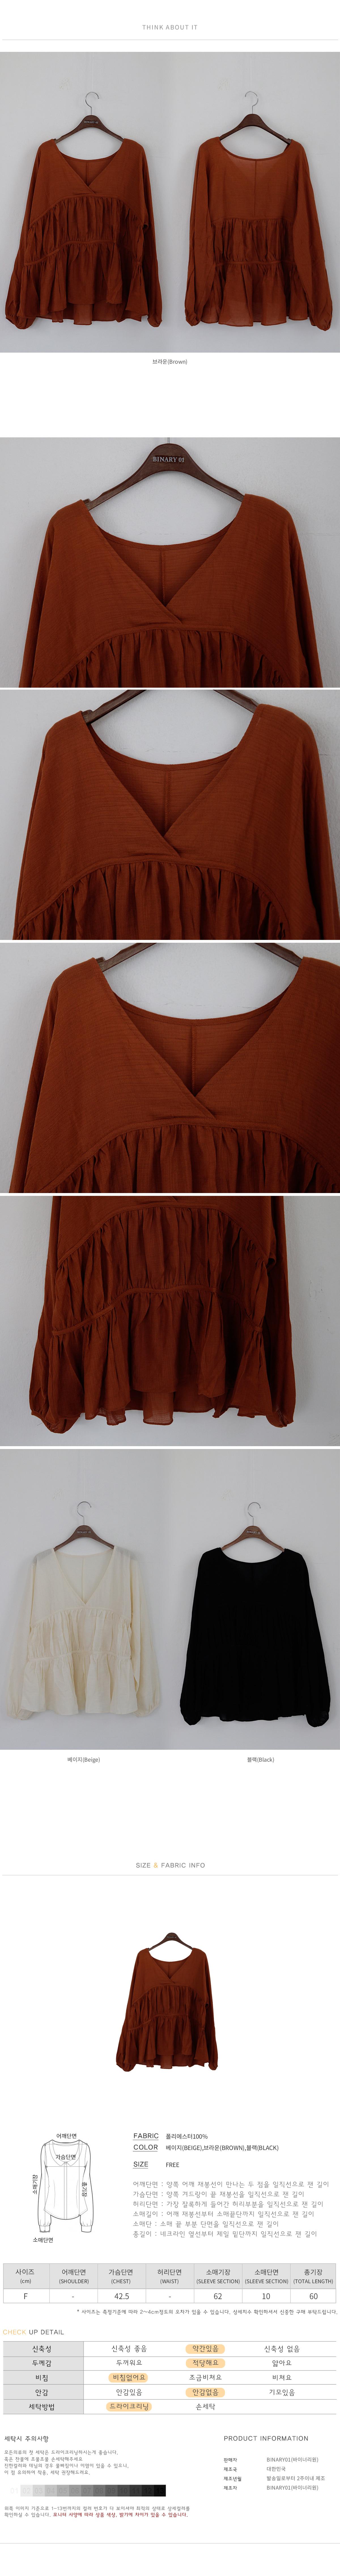 V-neck robe blouse